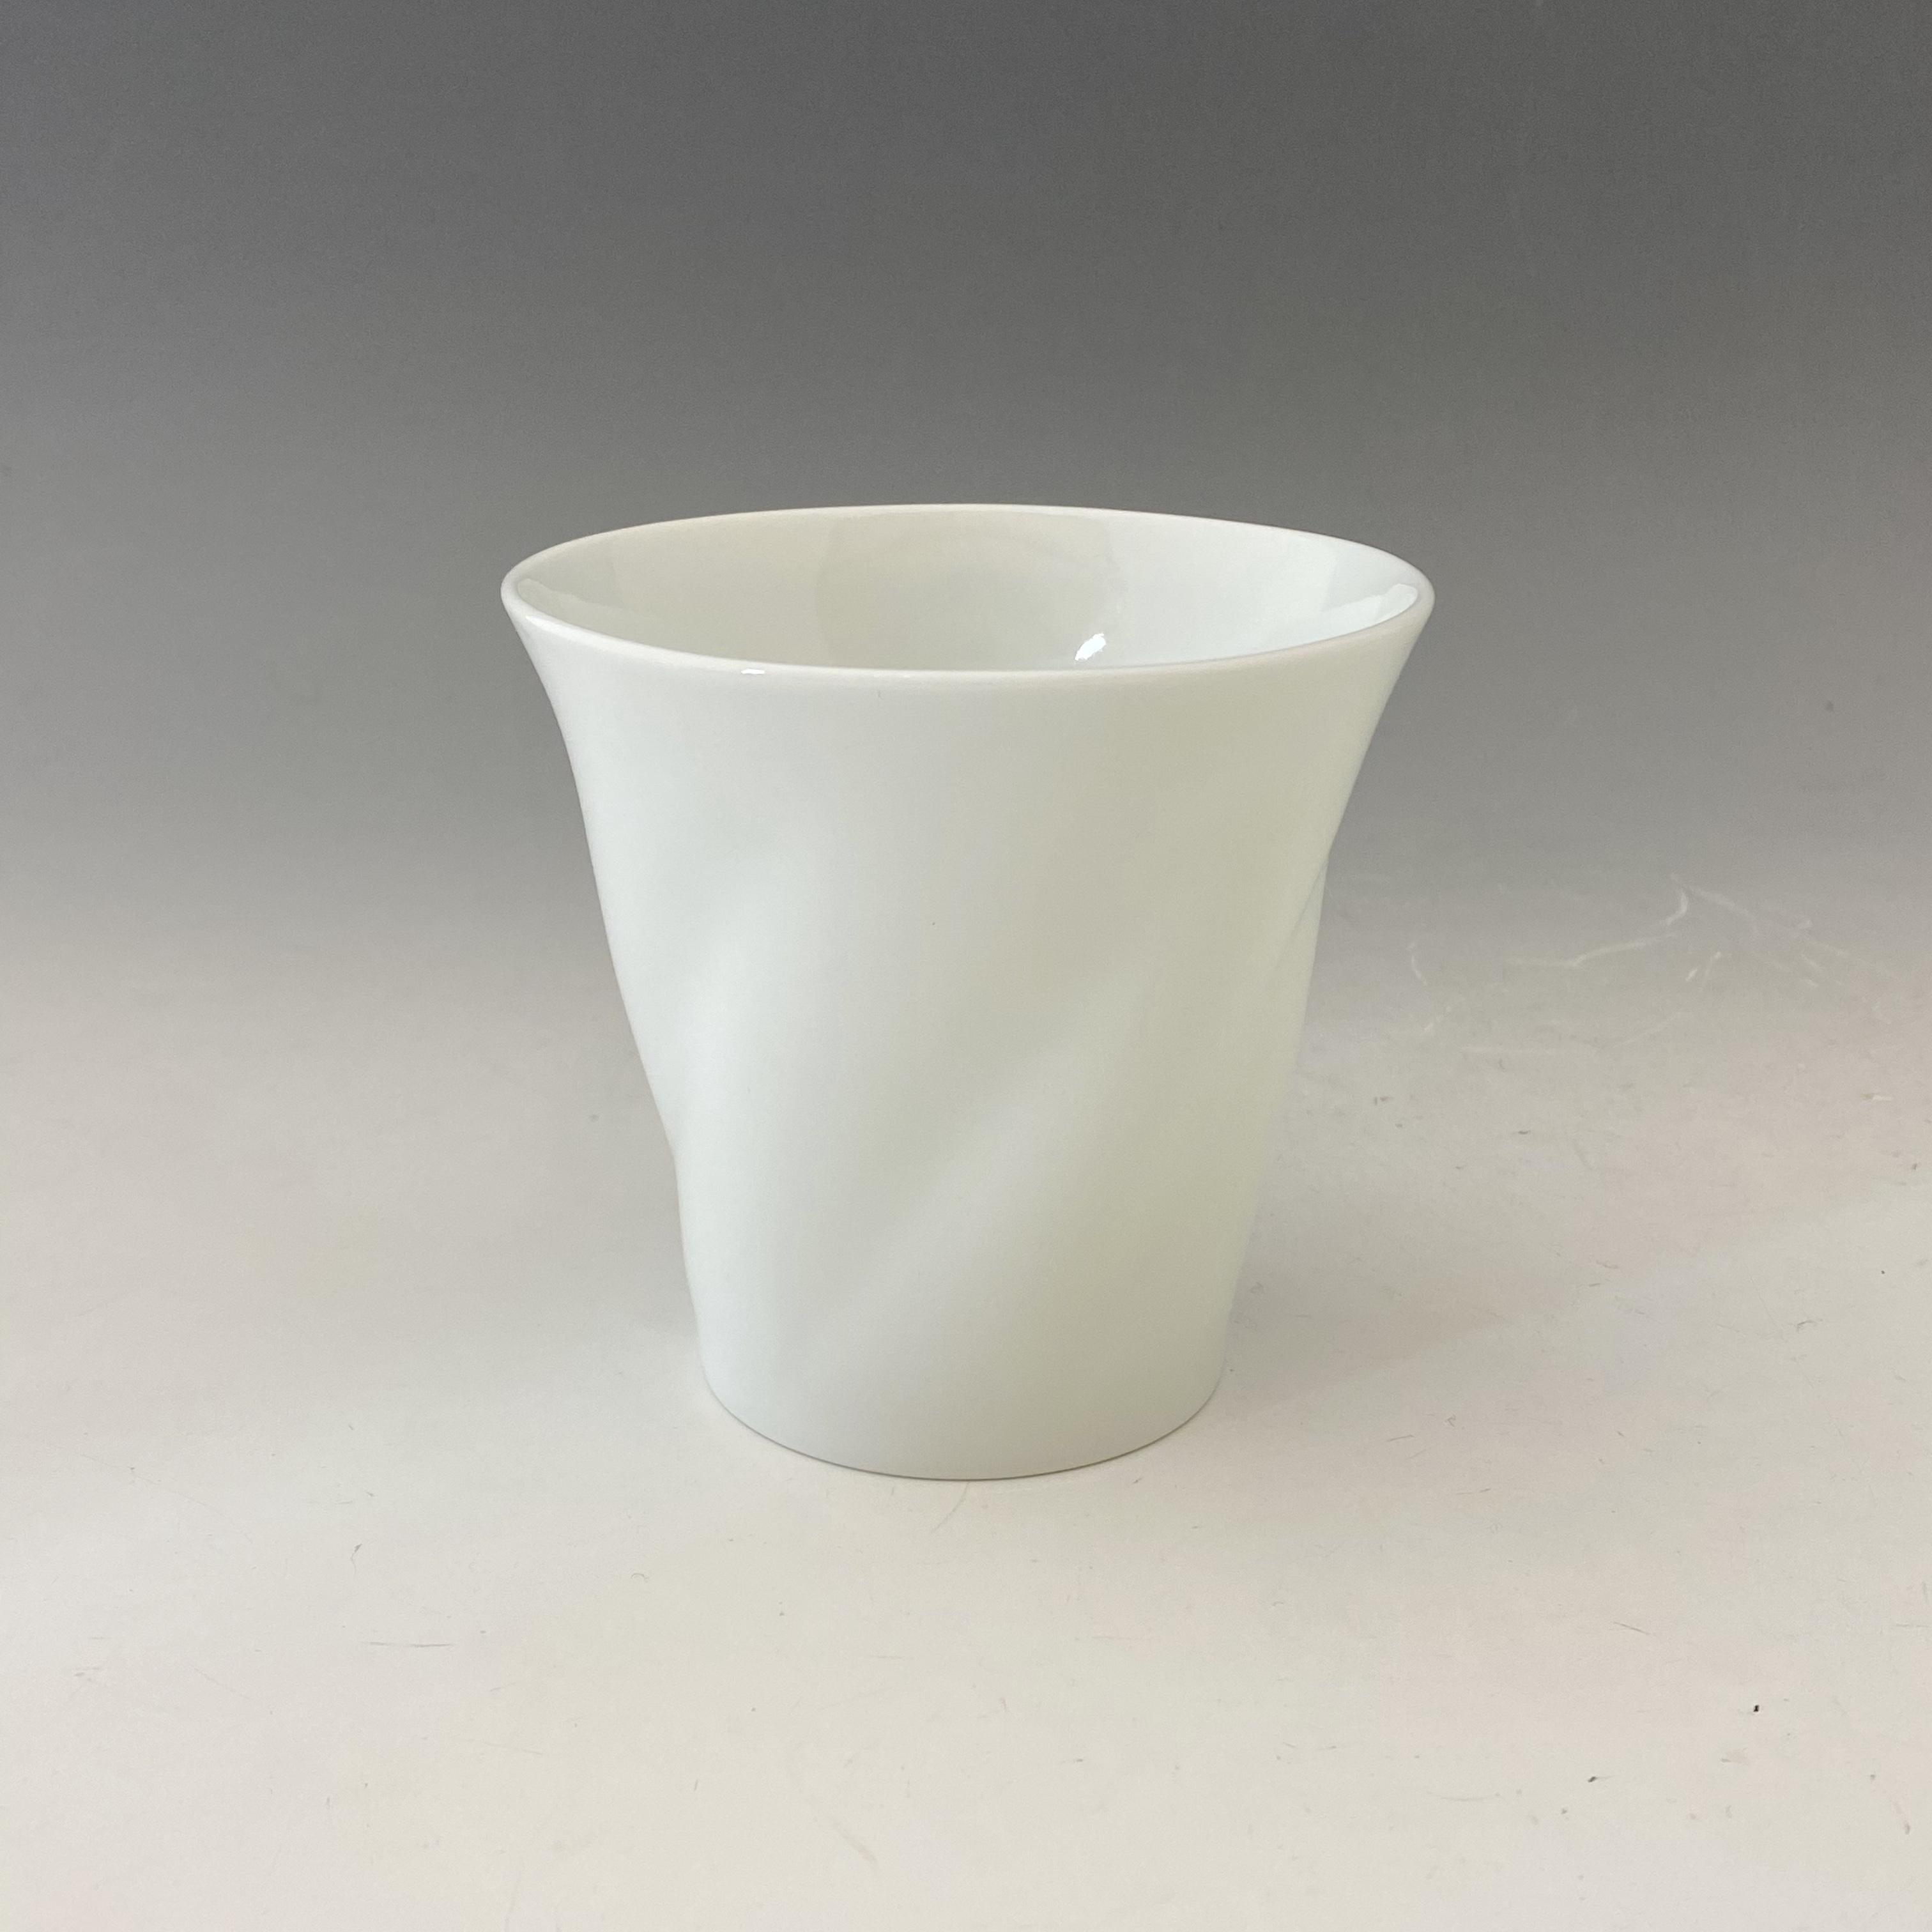 【中尾純】白磁ひねりカップ(小)